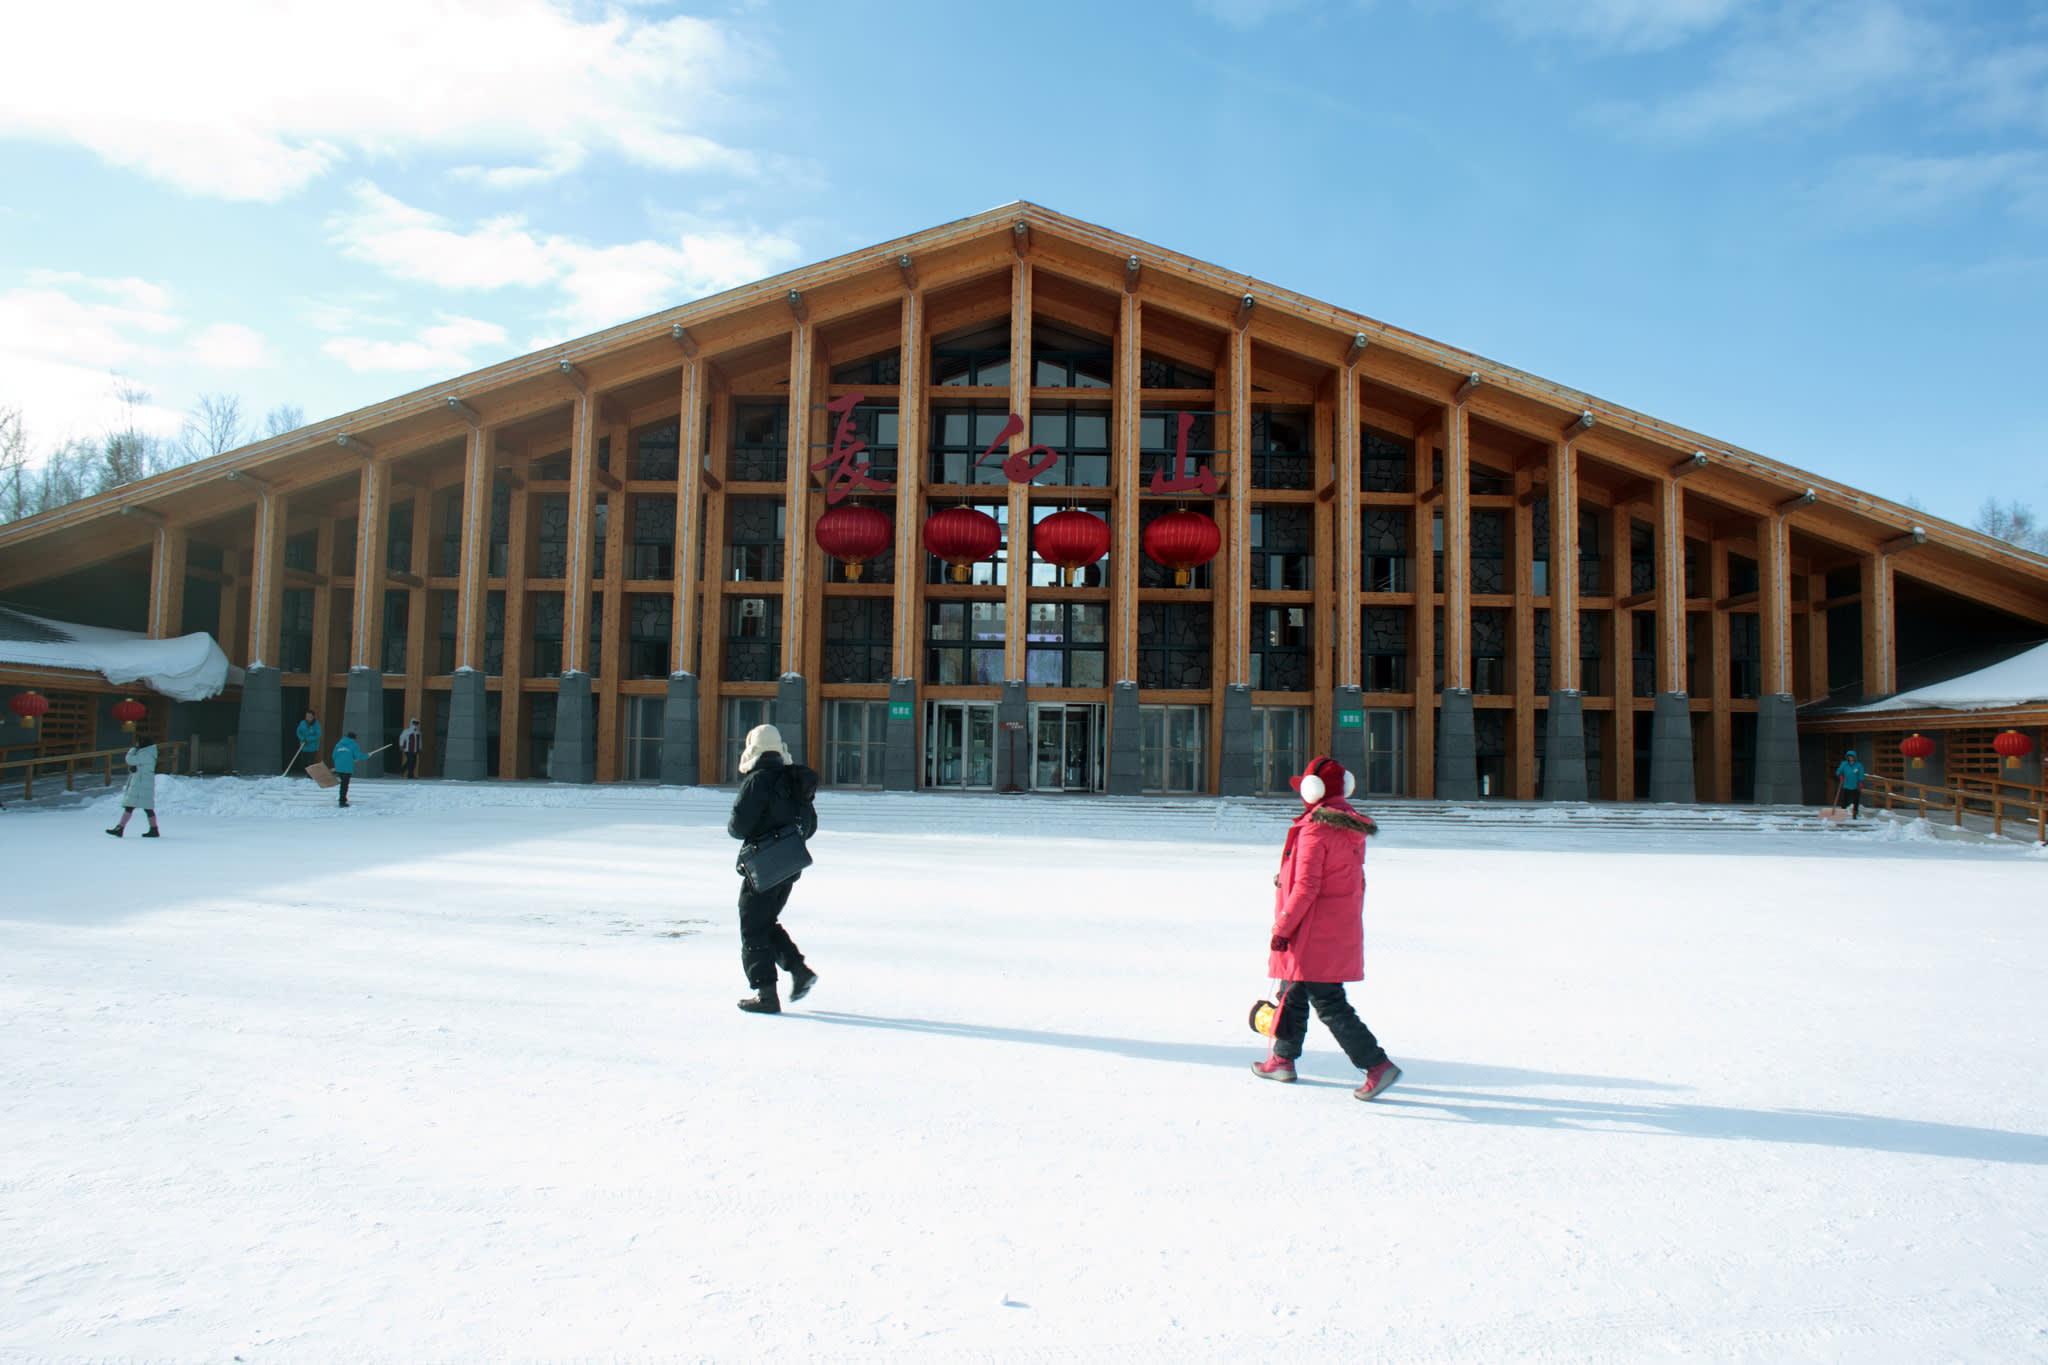 長 白 山 是 大 陸 內 地 旅 滑 雪 旅 遊 十 分 熱 門 的 地 方